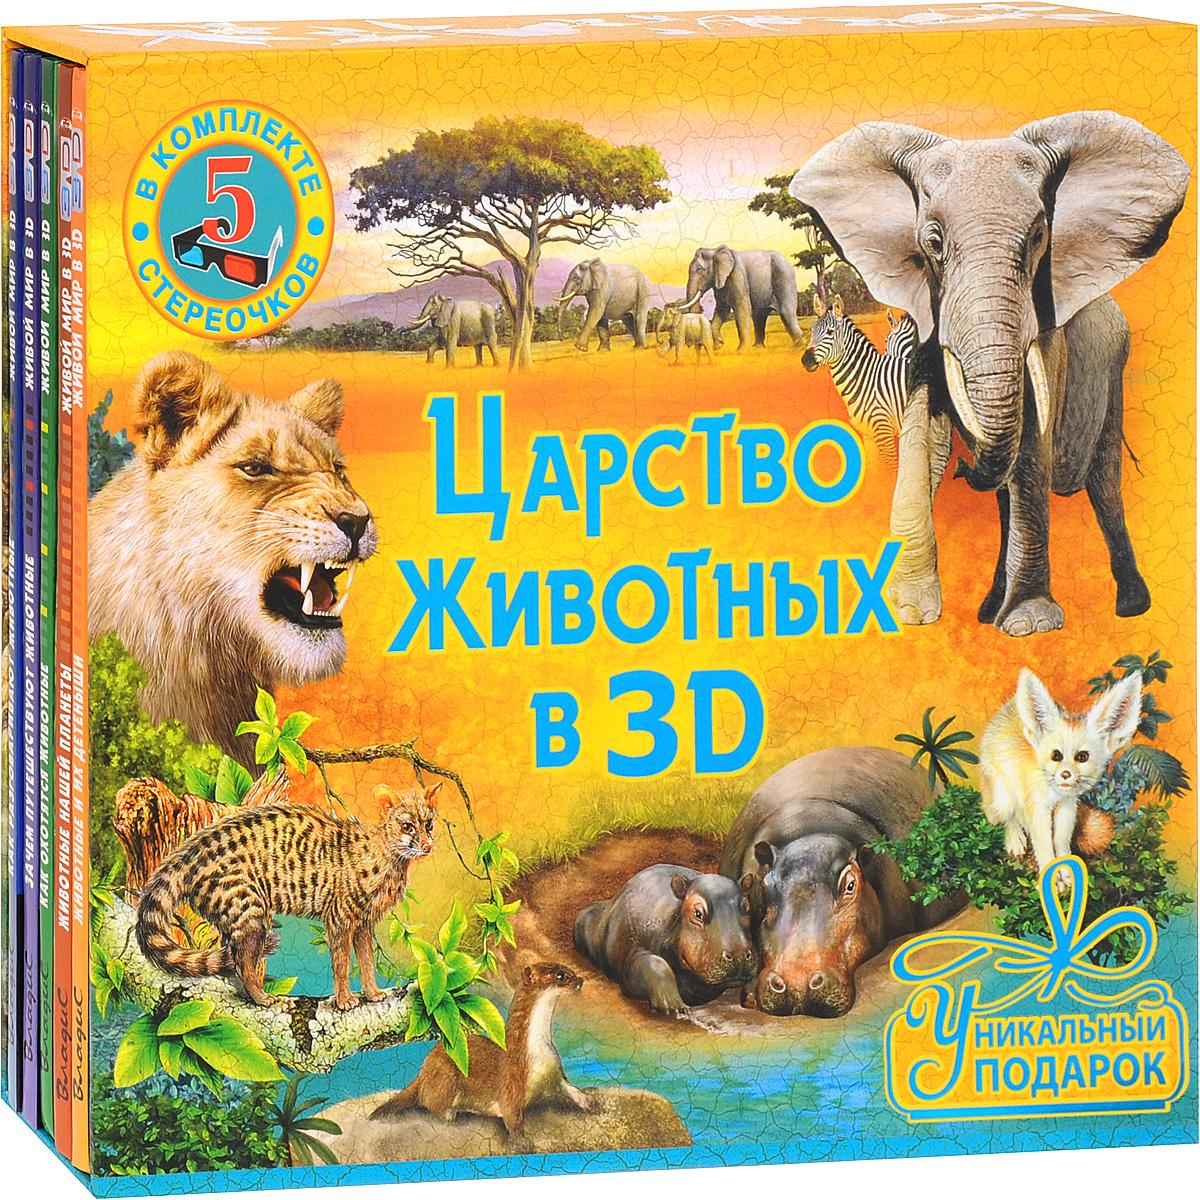 Царство животных в 3D (Комплект из 5 книг + 5 пар стереоочков)